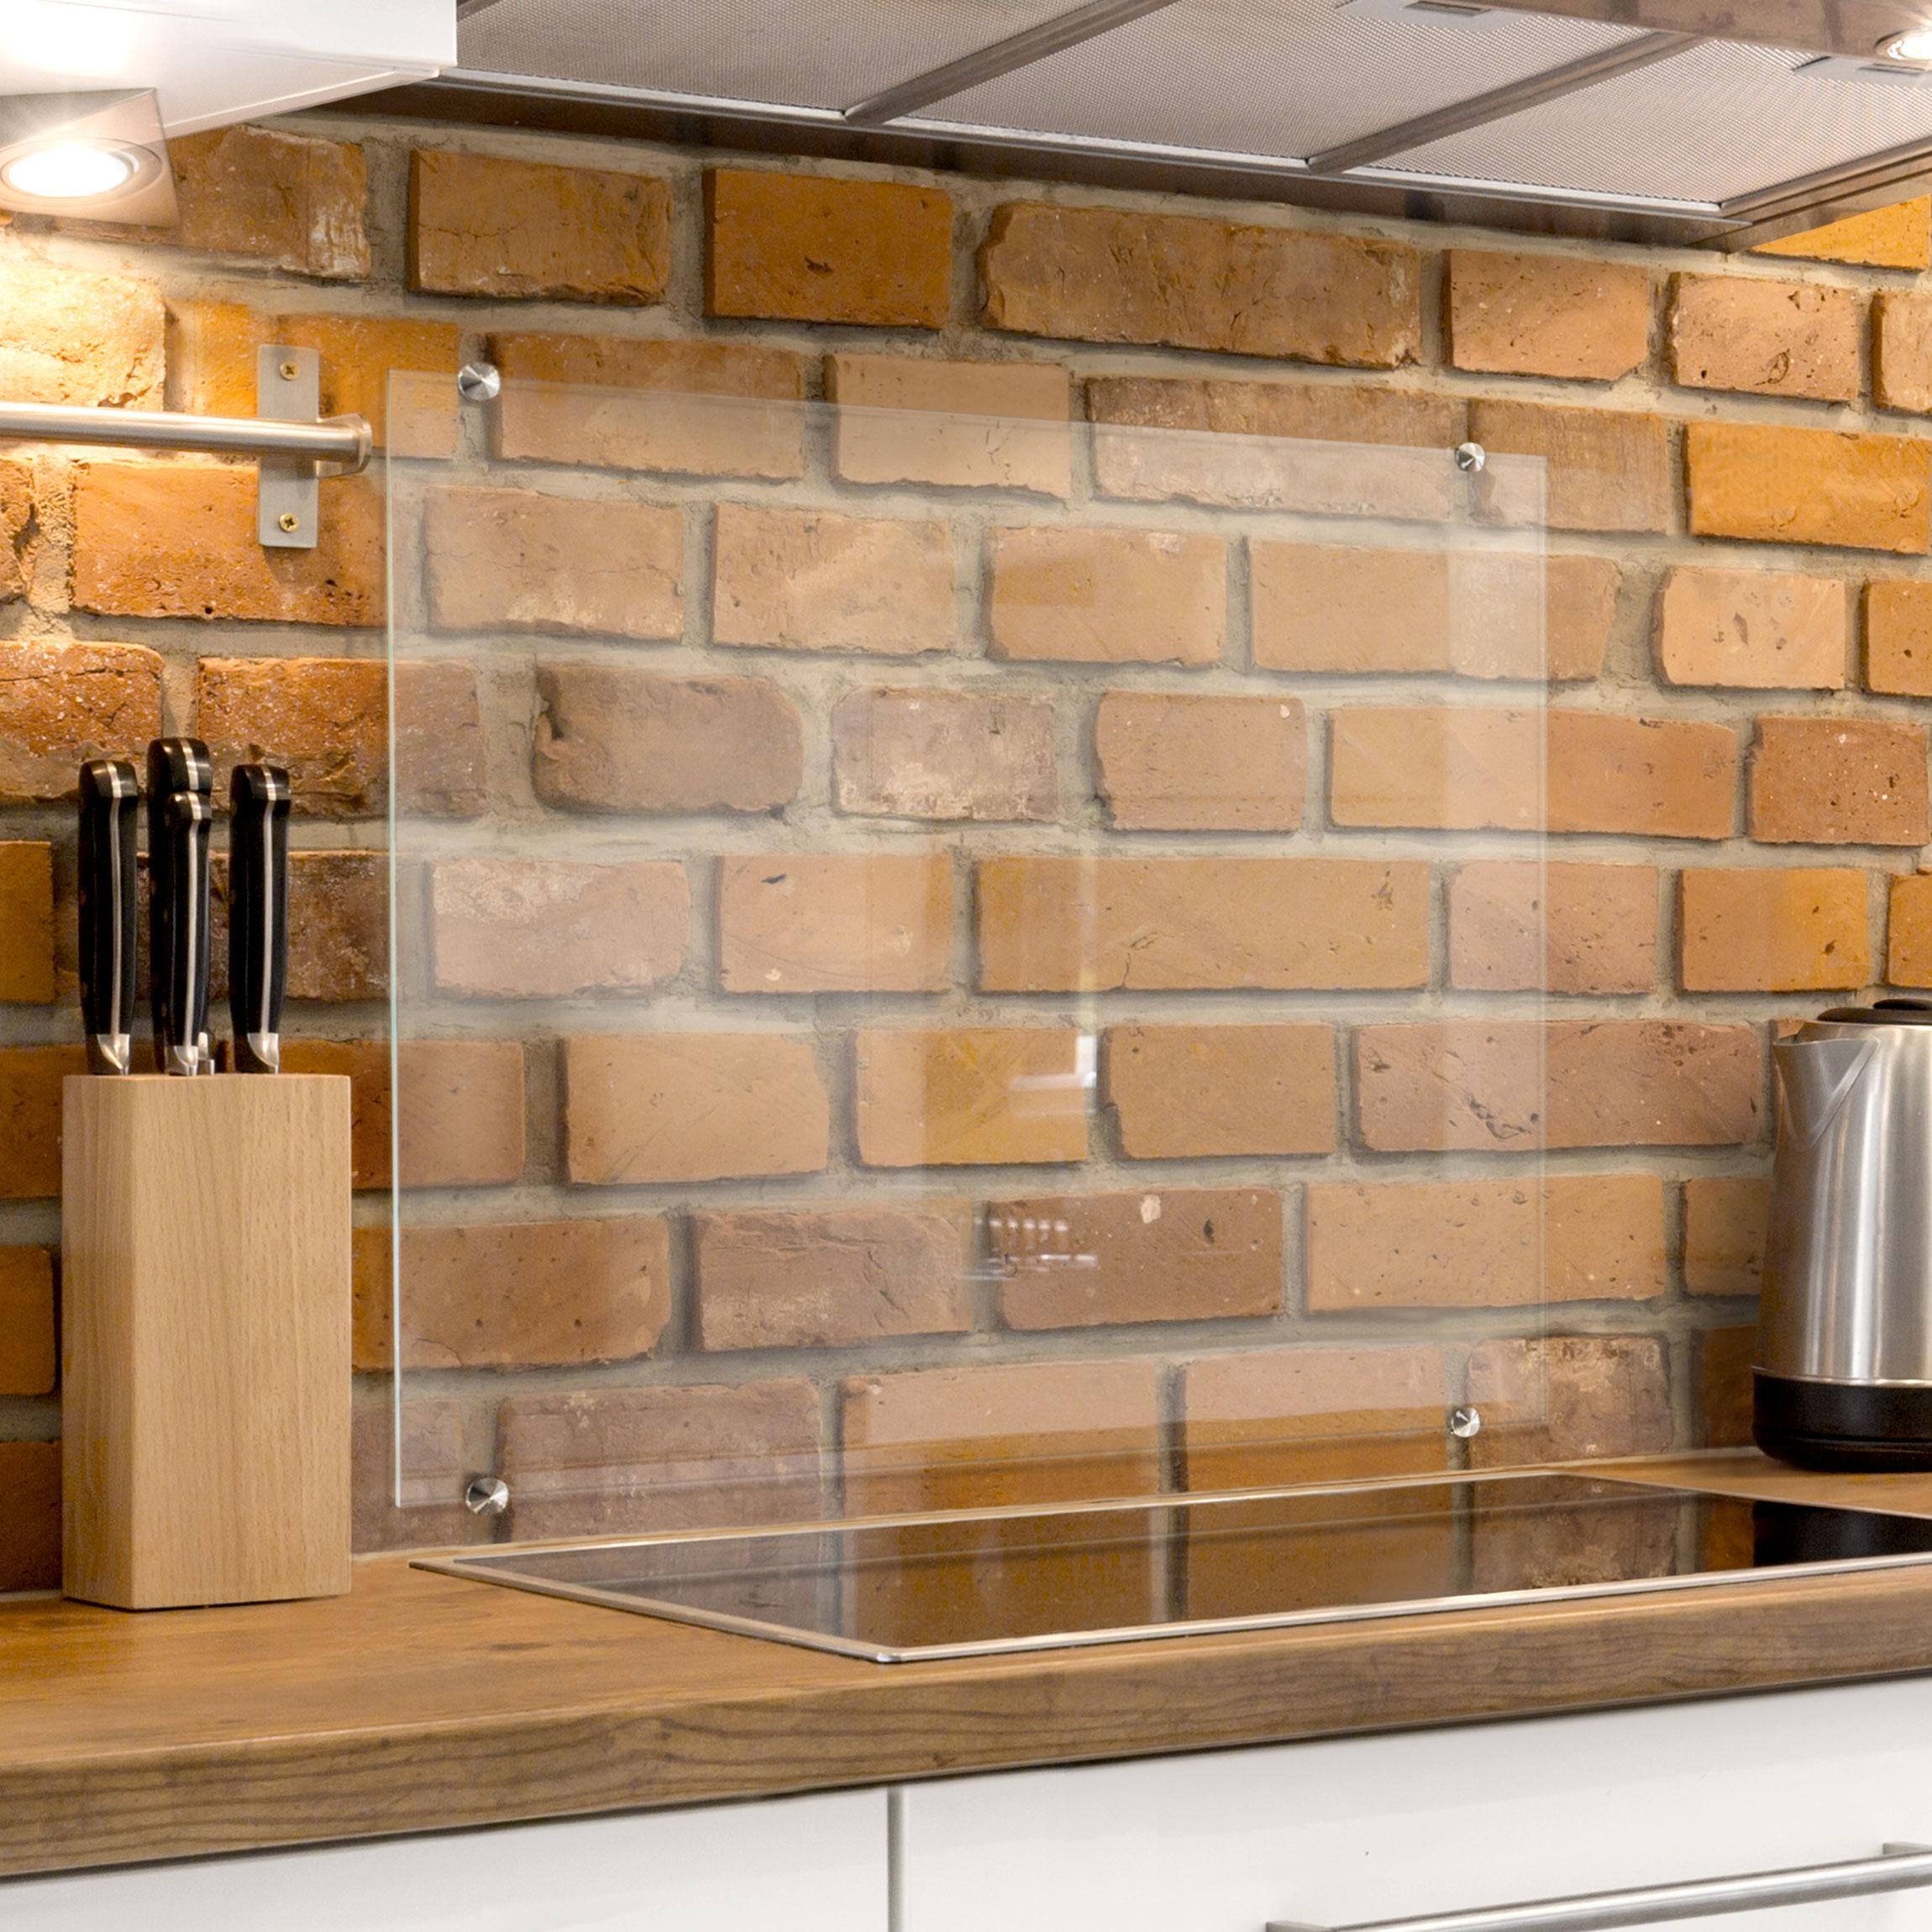 Paraschizzi cucina in vetro transparente morsetti incl quadrato 1 1 - Paraschizzi cucina vetro ...